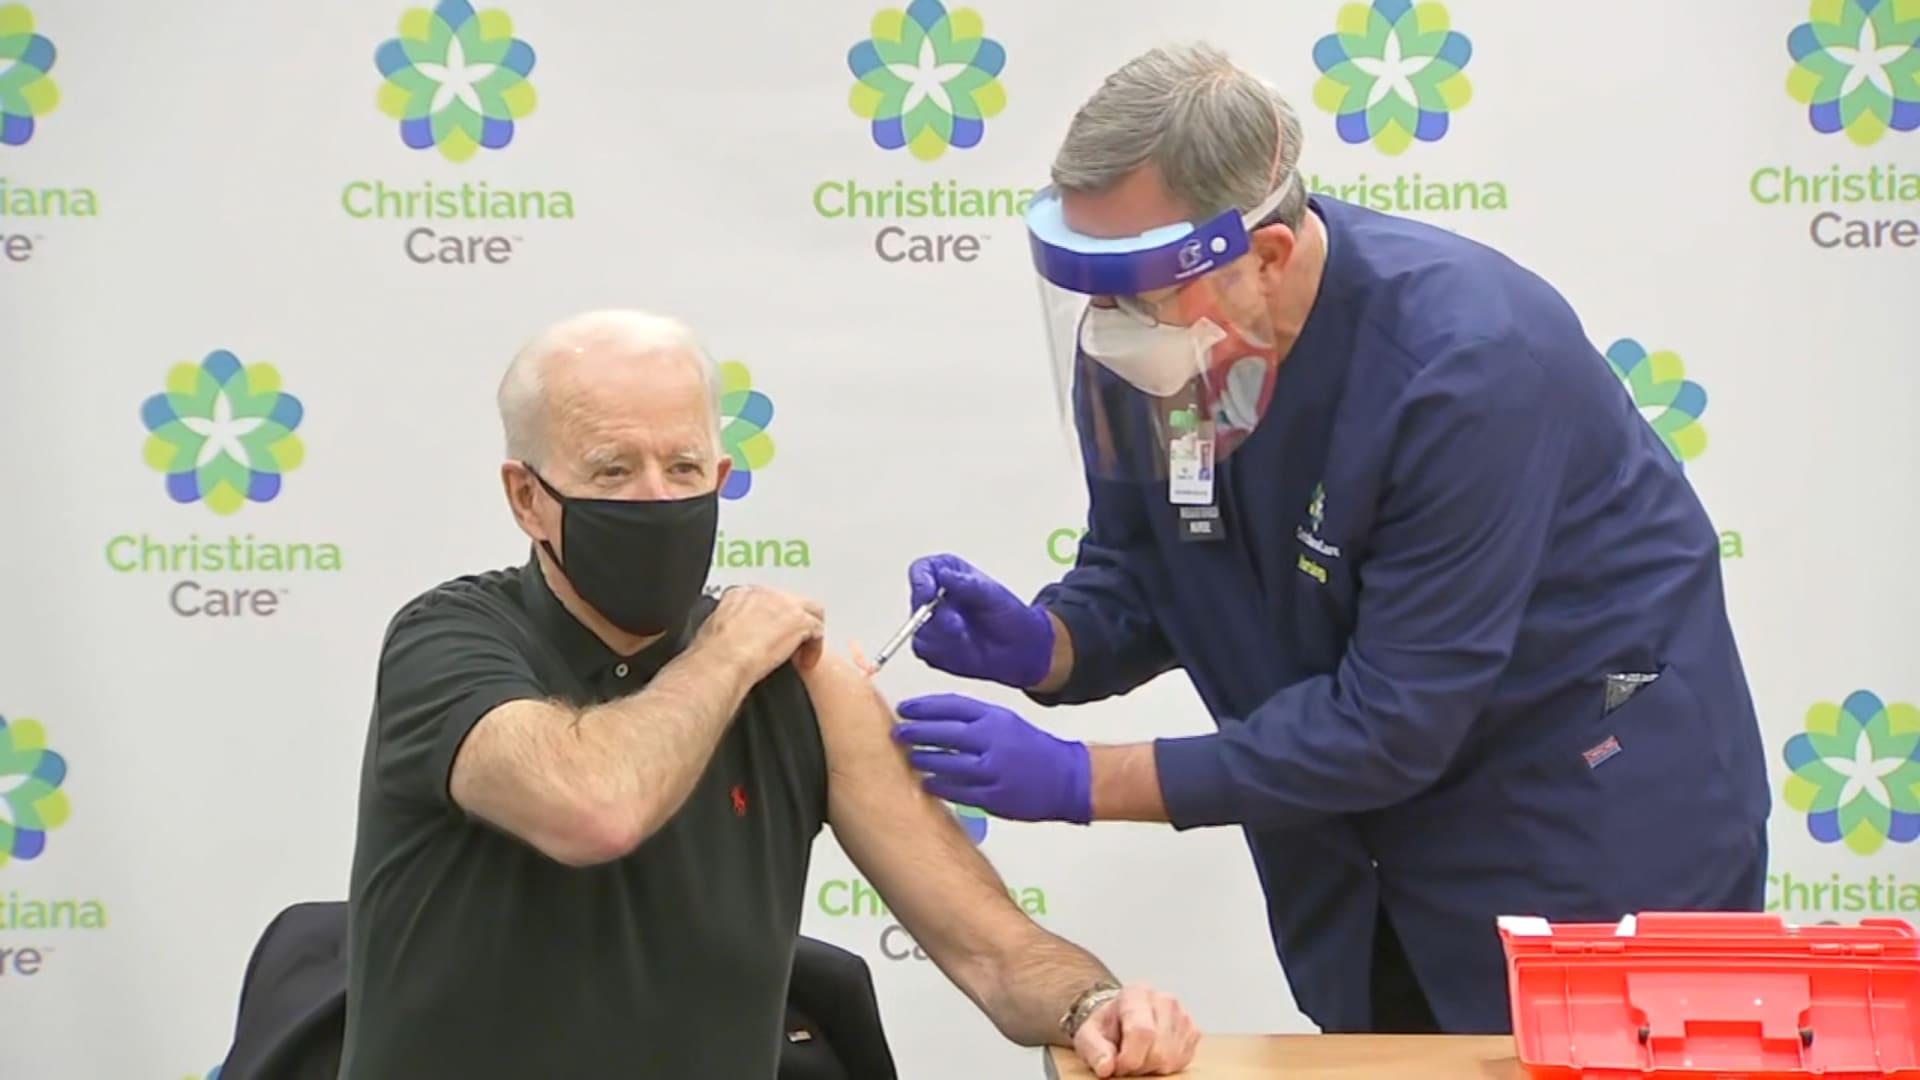 رئيس لجنة مكافحة كورونا اللقاحات تحمي  من مصابي كورونا من الوفيات